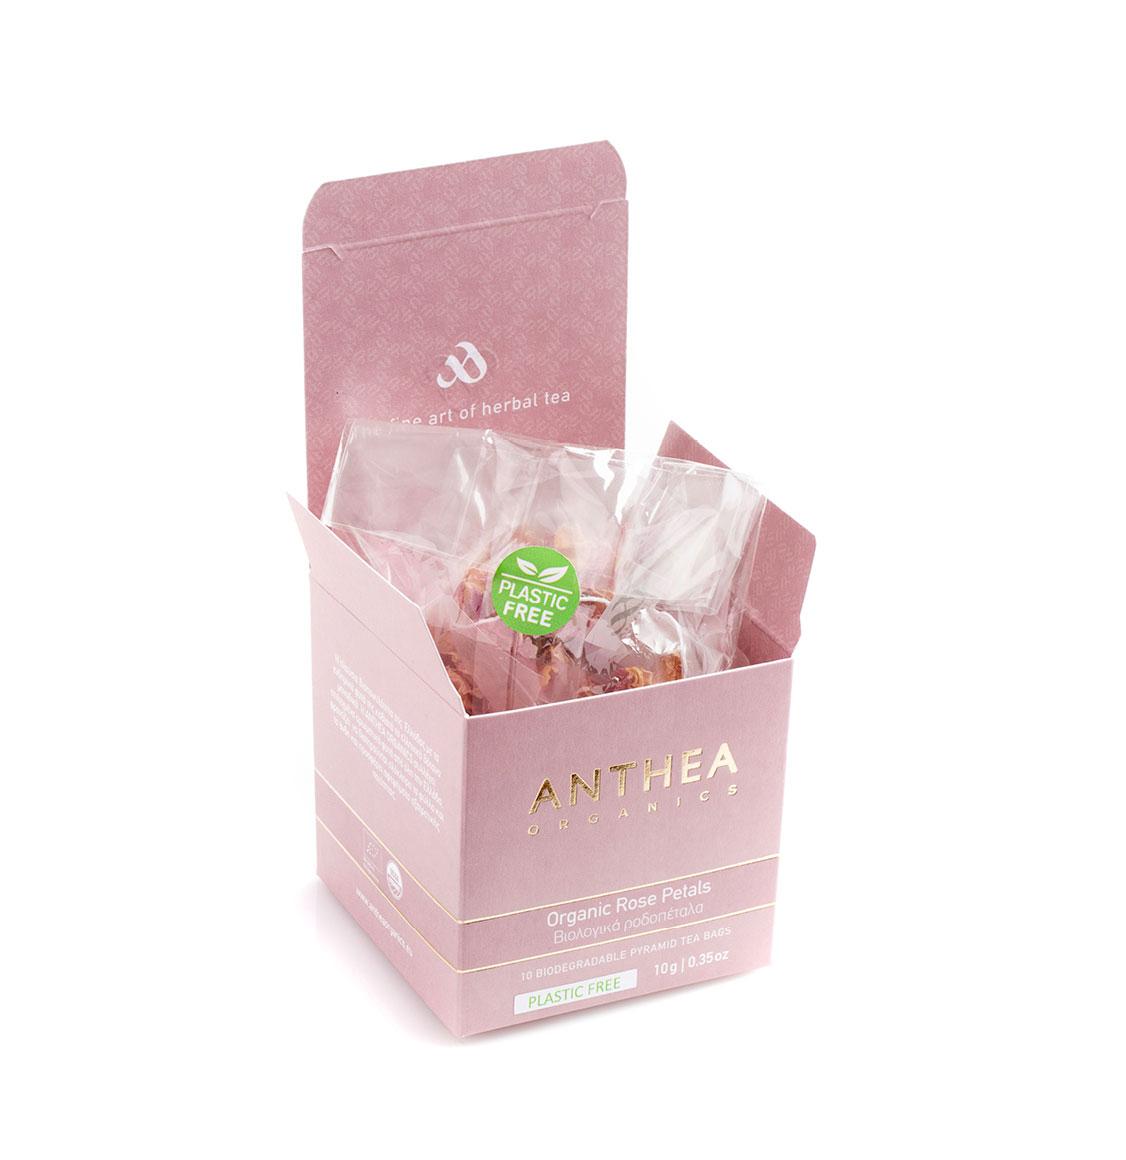 Anthea Organics Βιολογικά Ροδοπέταλα Rose Petals 10 Plastic Free Pyramid Tea Bags